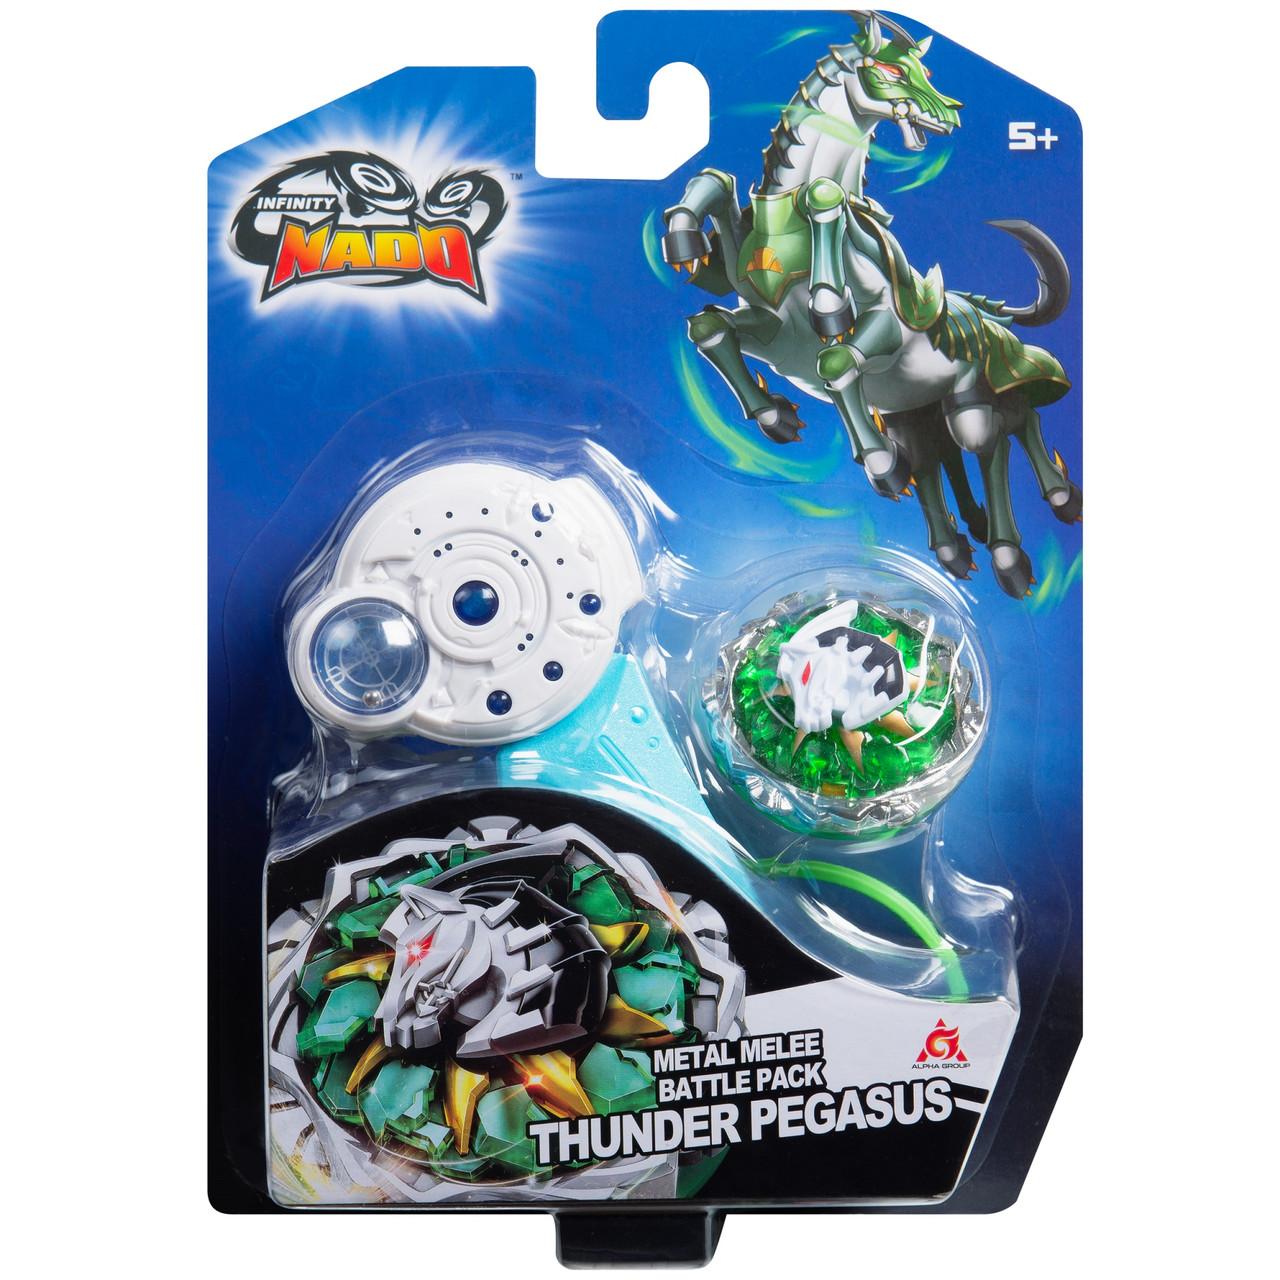 Инфинити Надо Волчок «Классик» Thunder Pegasus, Грозовой Пегас, вынослоивость